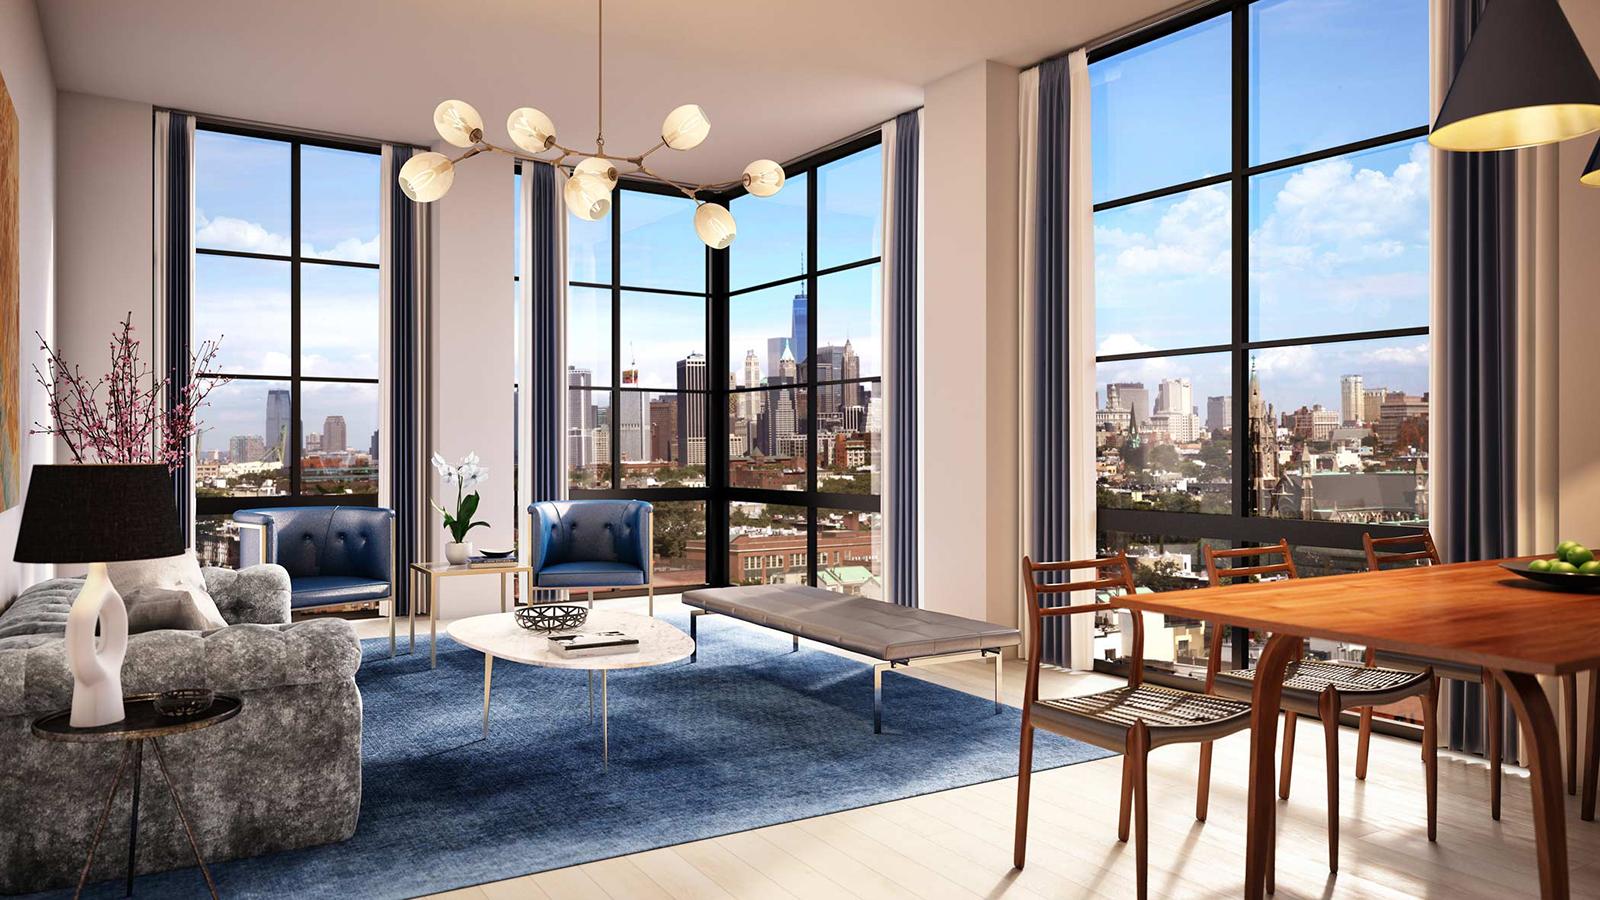 365 Bond Street Nyc Rental Apartments Cityrealty